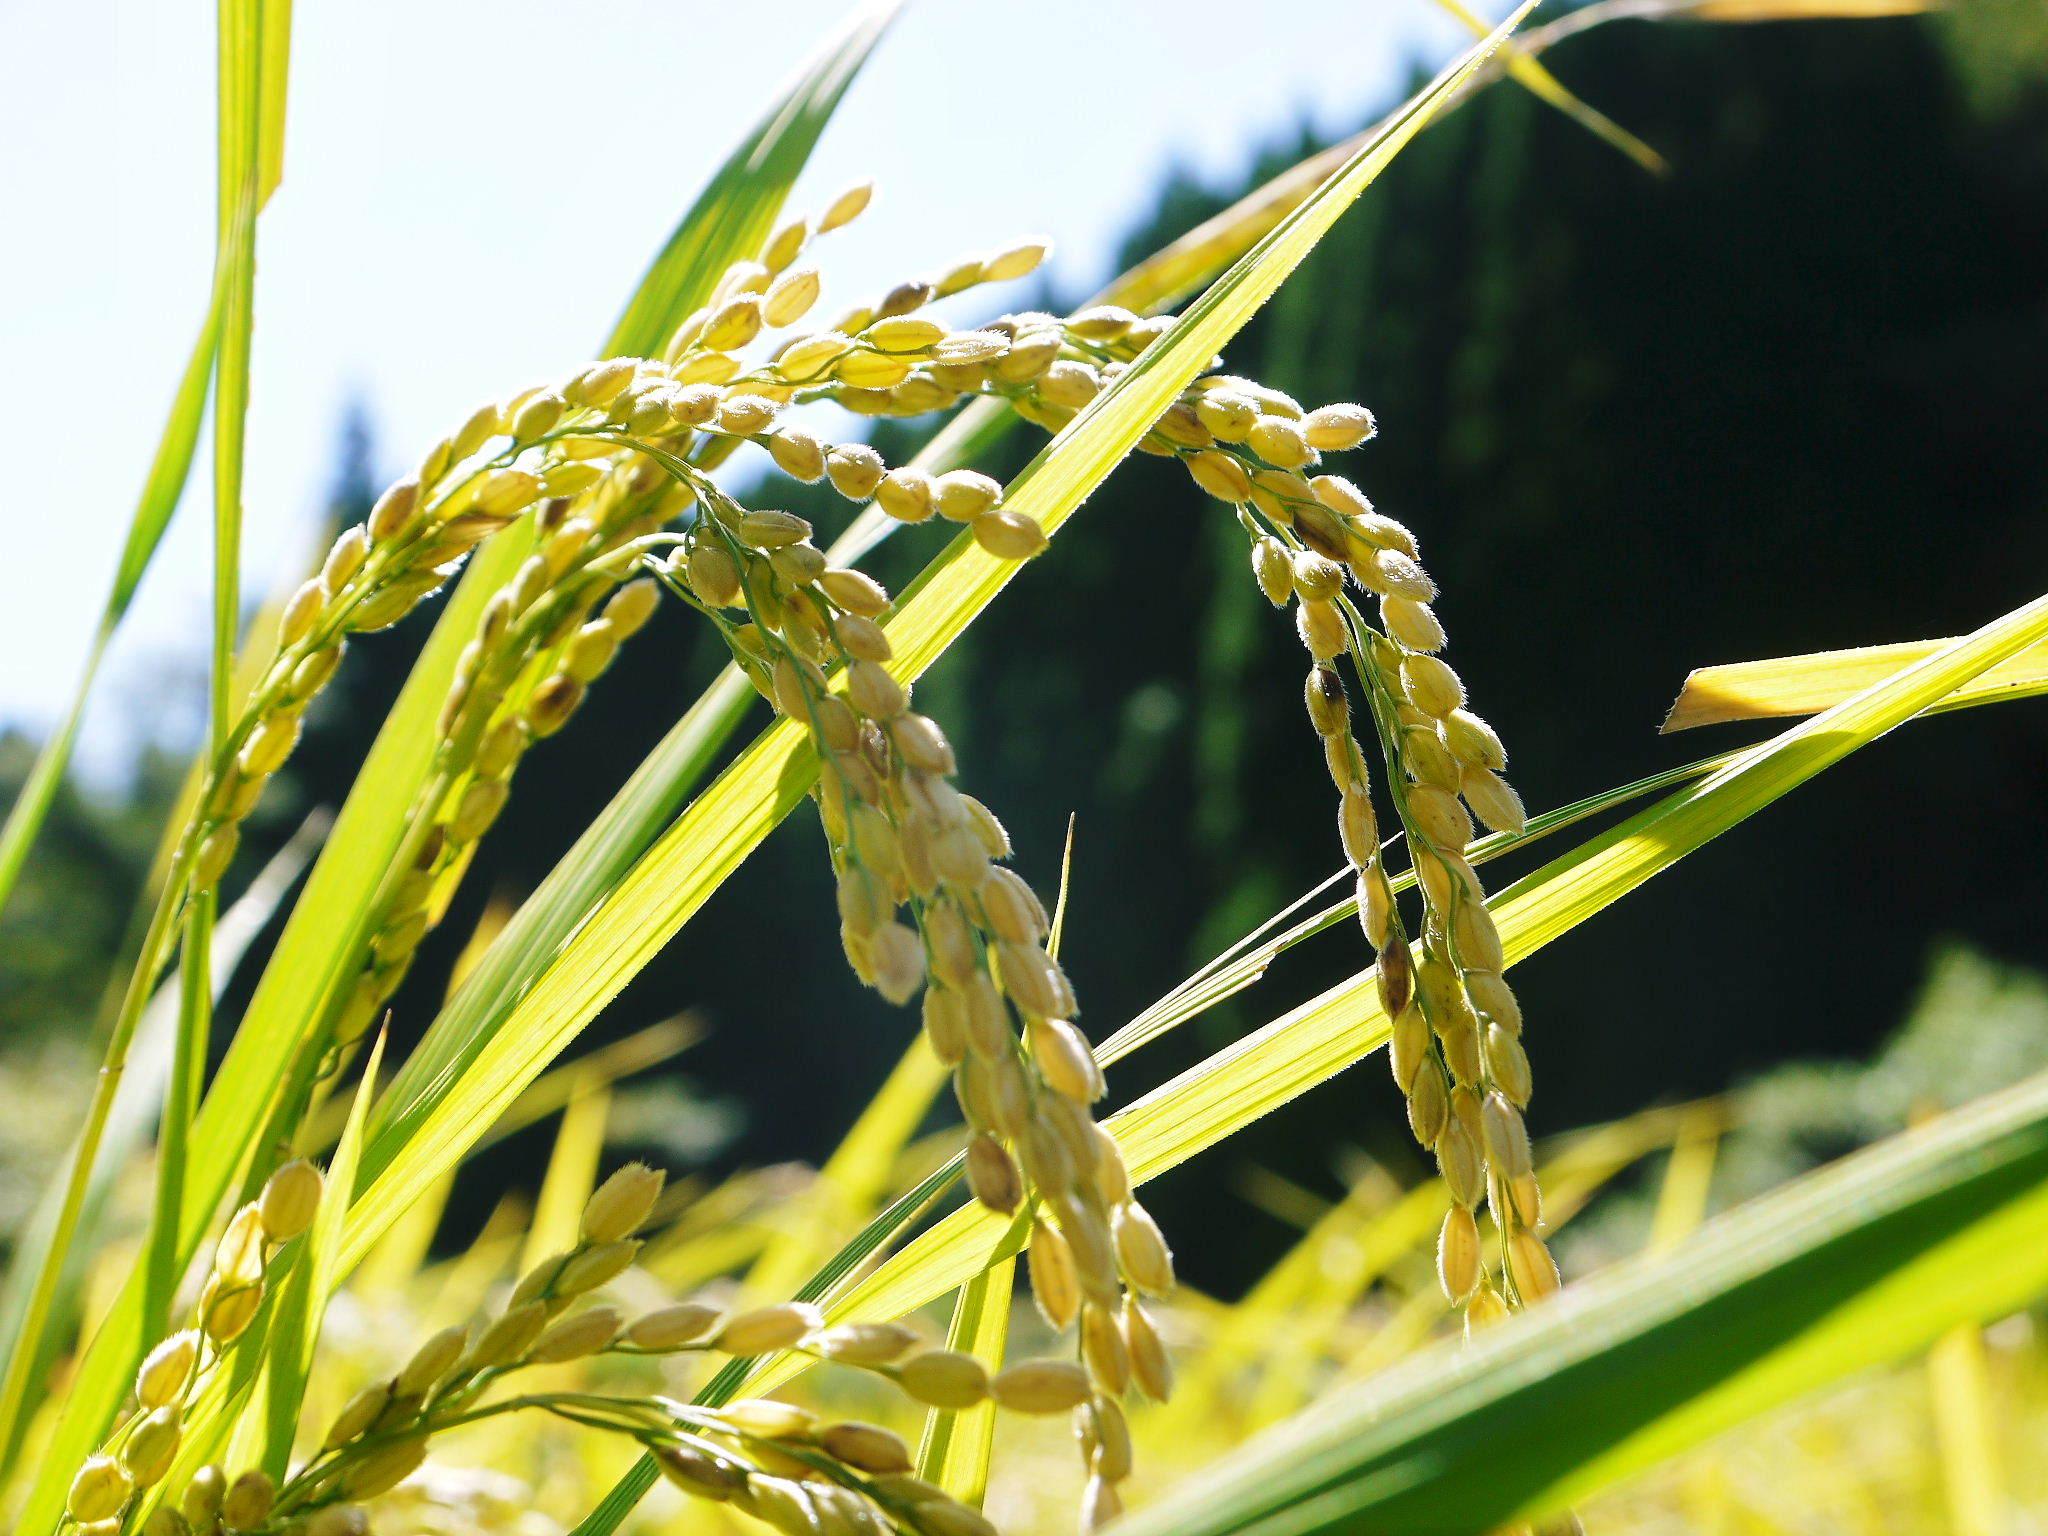 米作りの挑戦(2021年) 苗床をしました!今年も自給自足のために米作り頑張ります!_a0254656_17484413.jpg